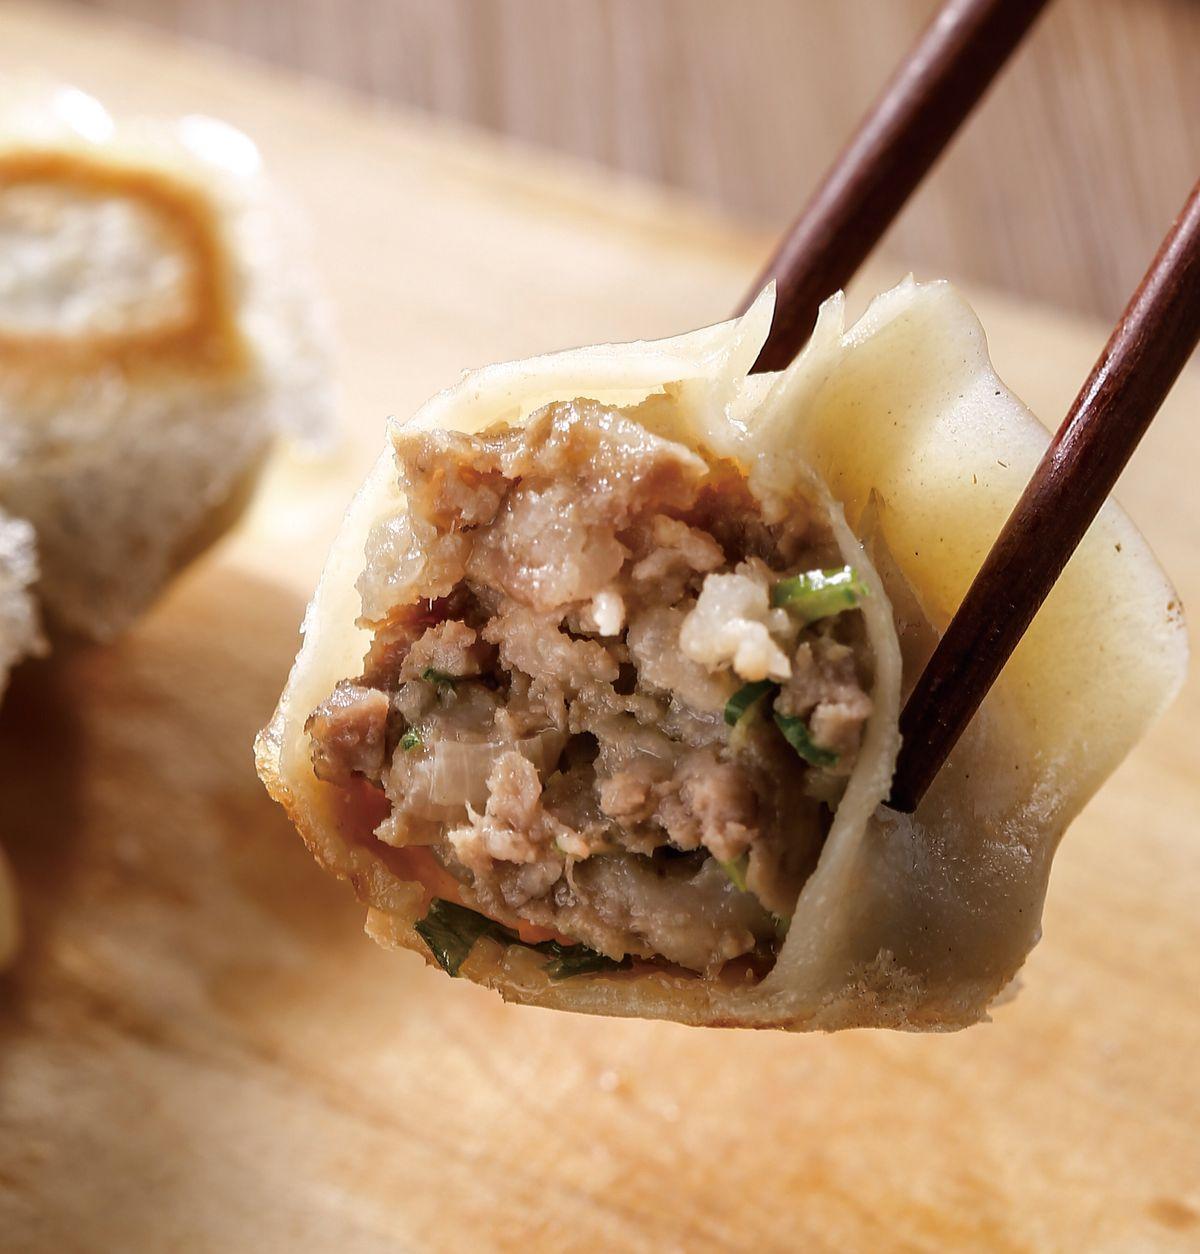 食譜:原味鮮肉煎餃